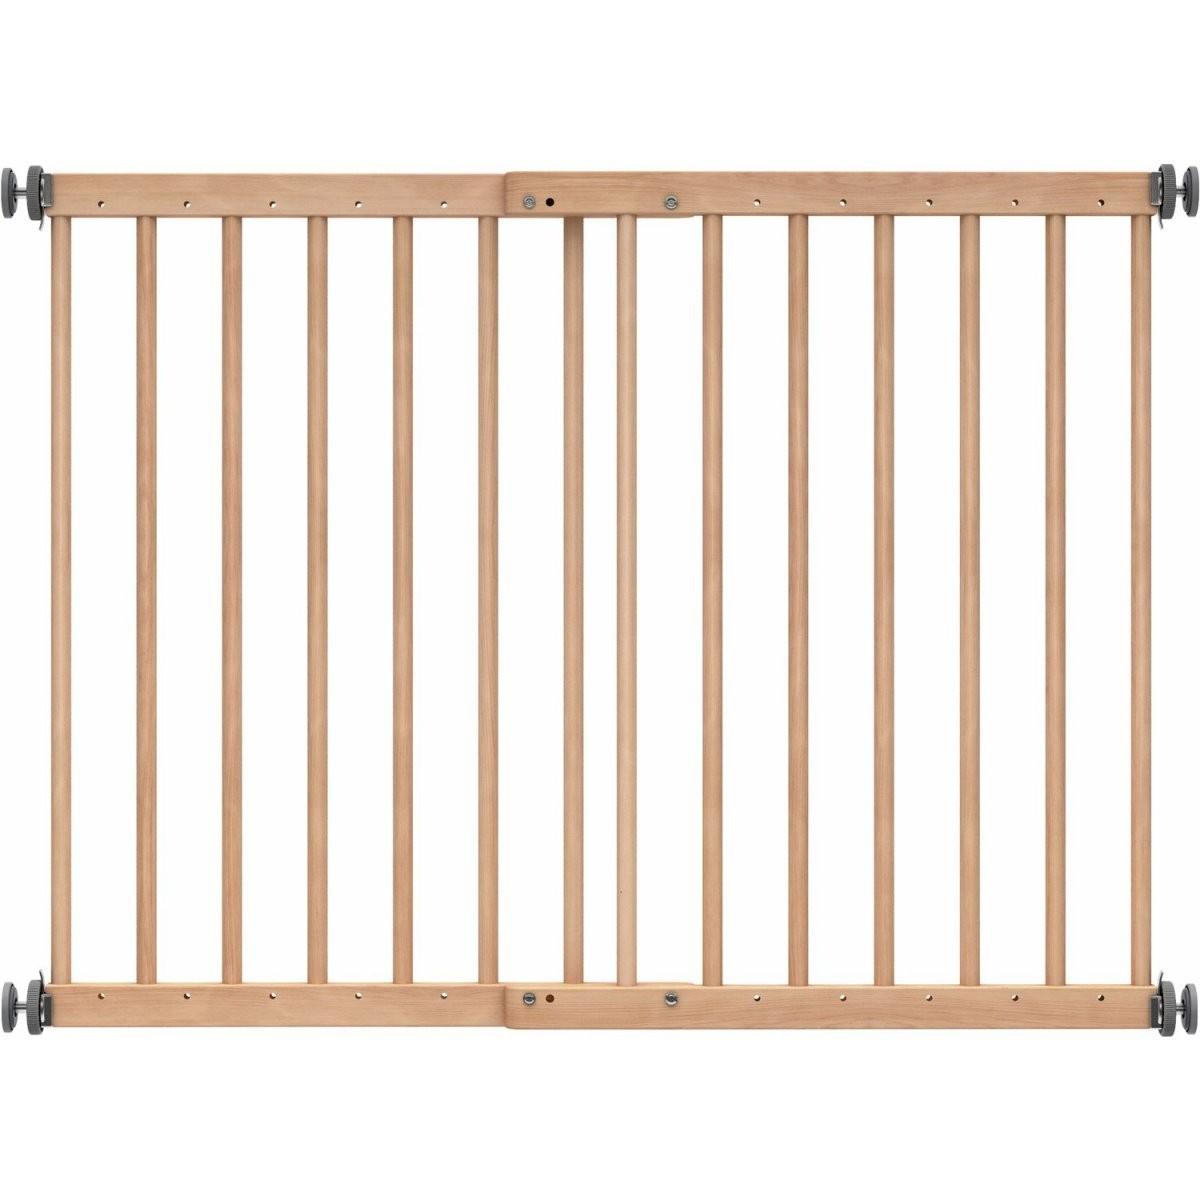 Türschutzgitter  Verlängerungen Online Kaufen Bei Obi von Treppenschutzgitter Zum Klemmen Ikea Bild